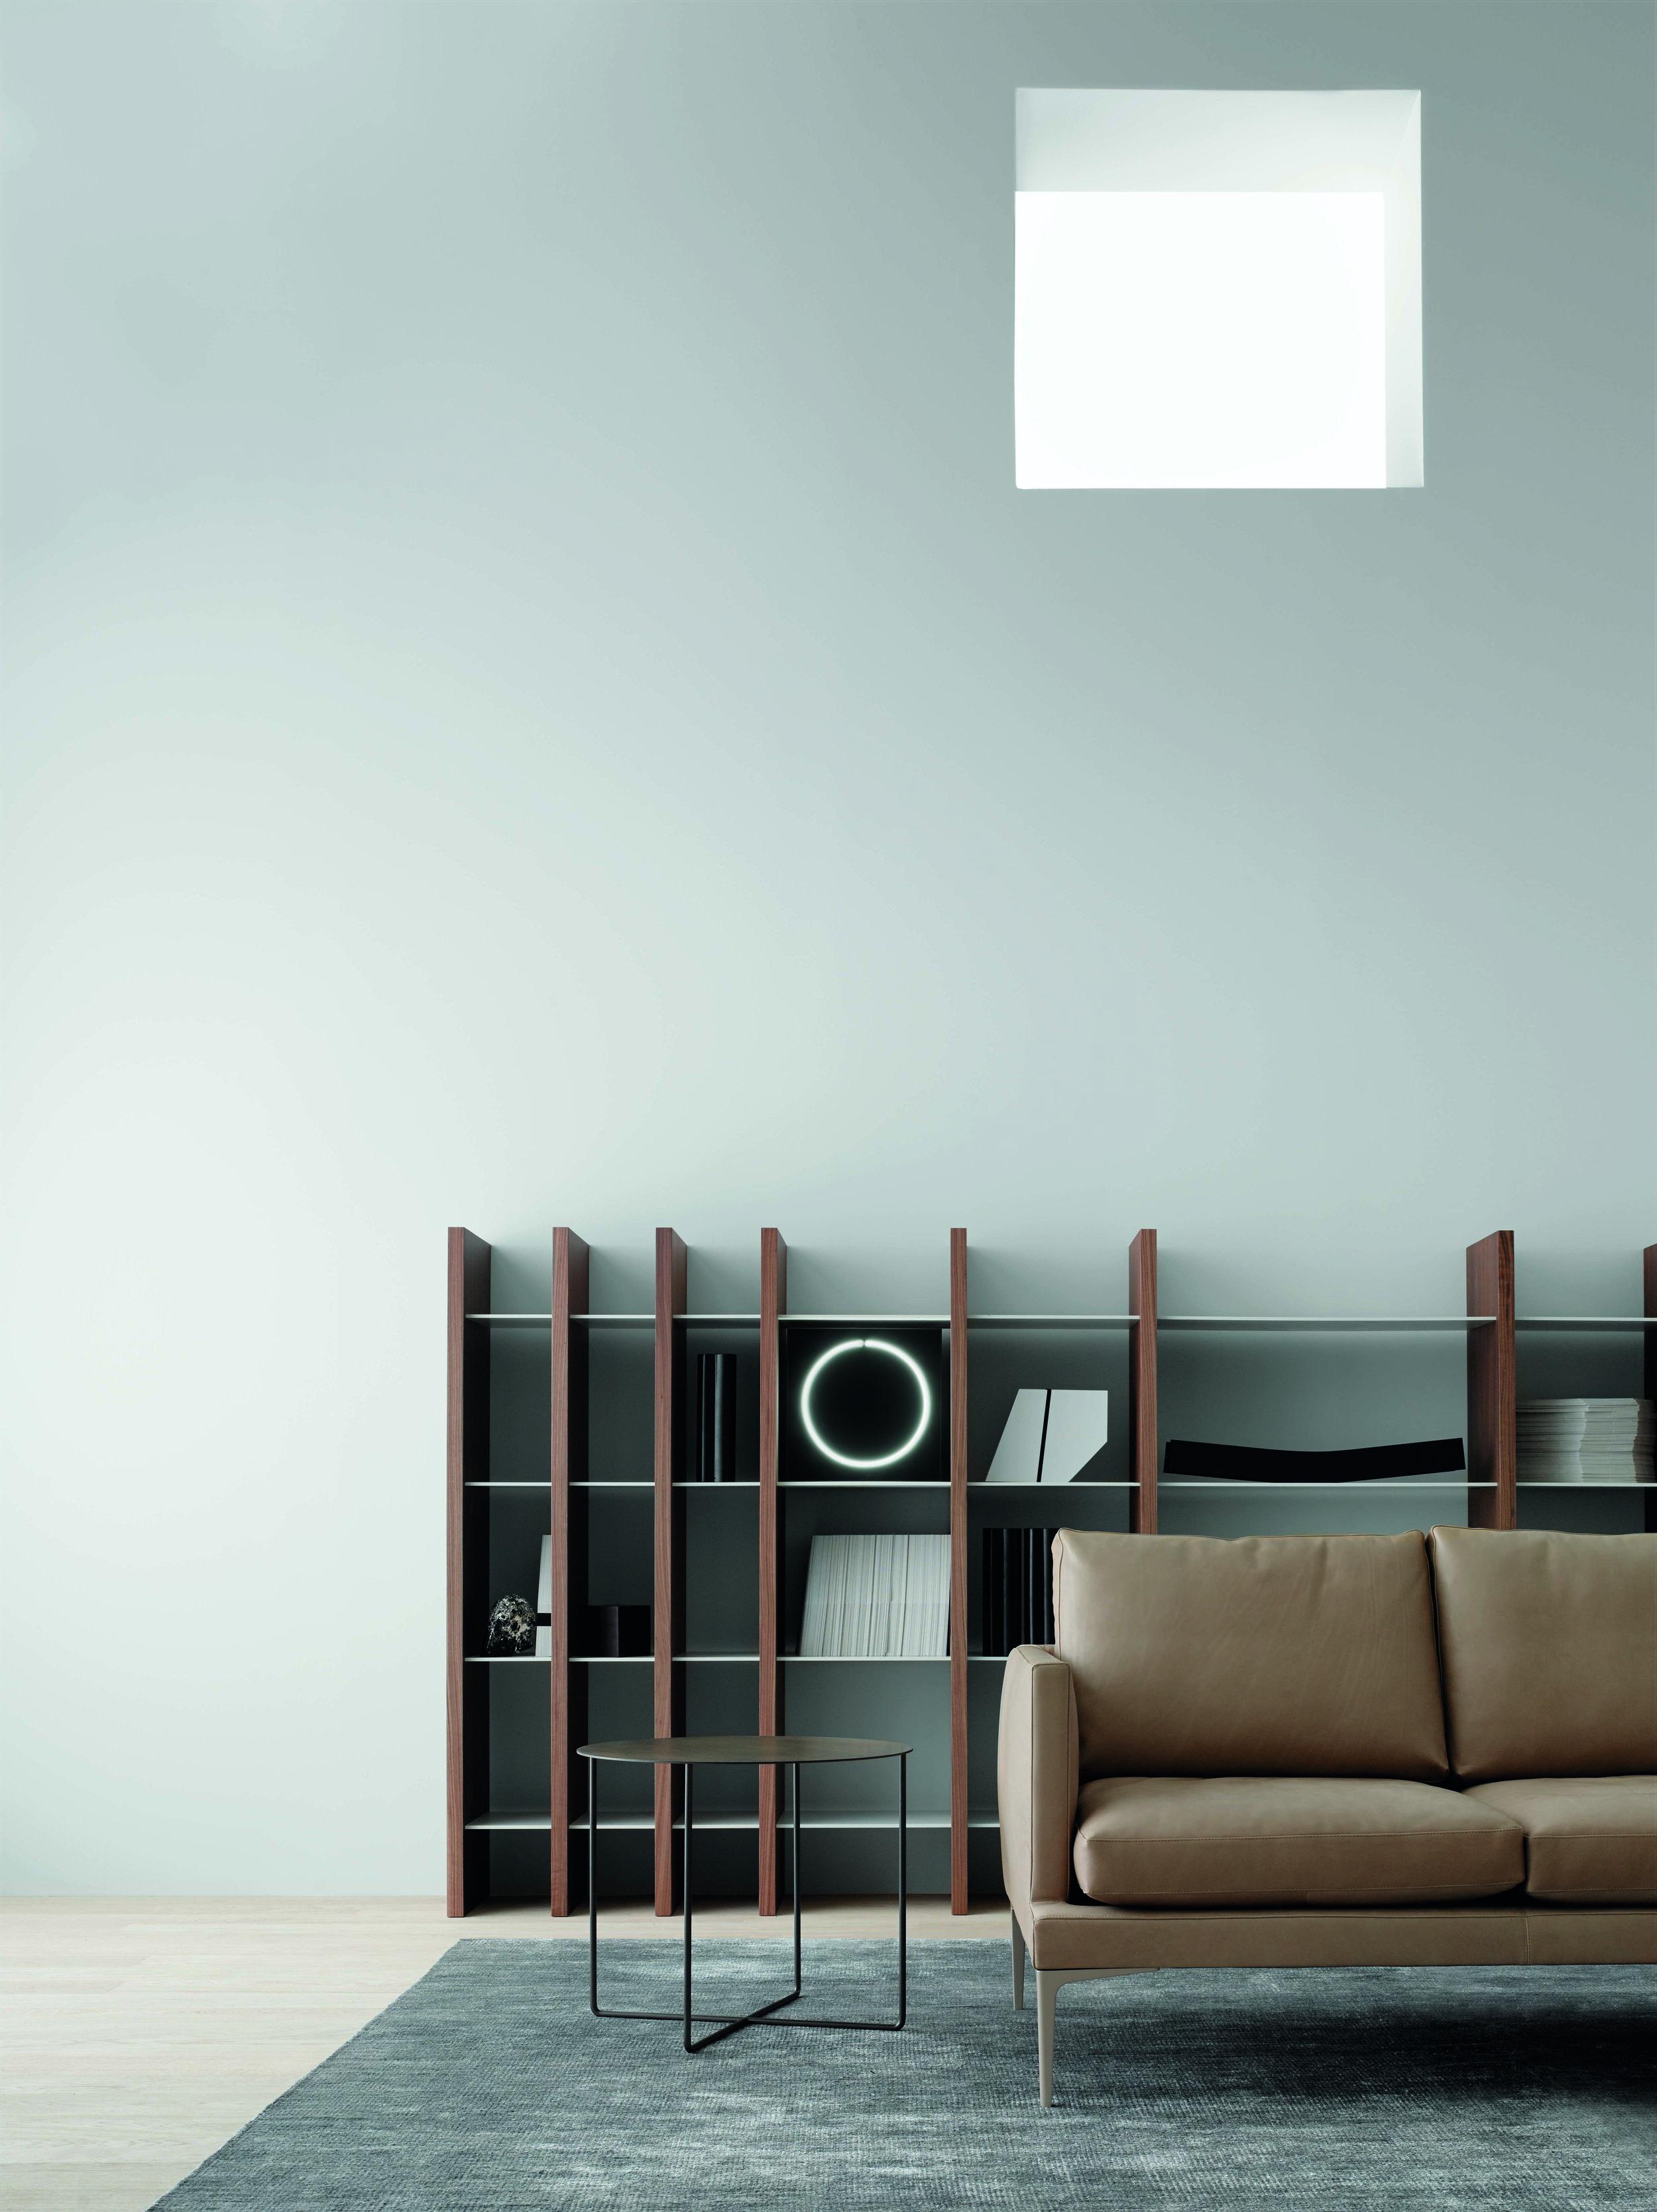 06_Parere_Bookcase + Segno_Sofa.jpg